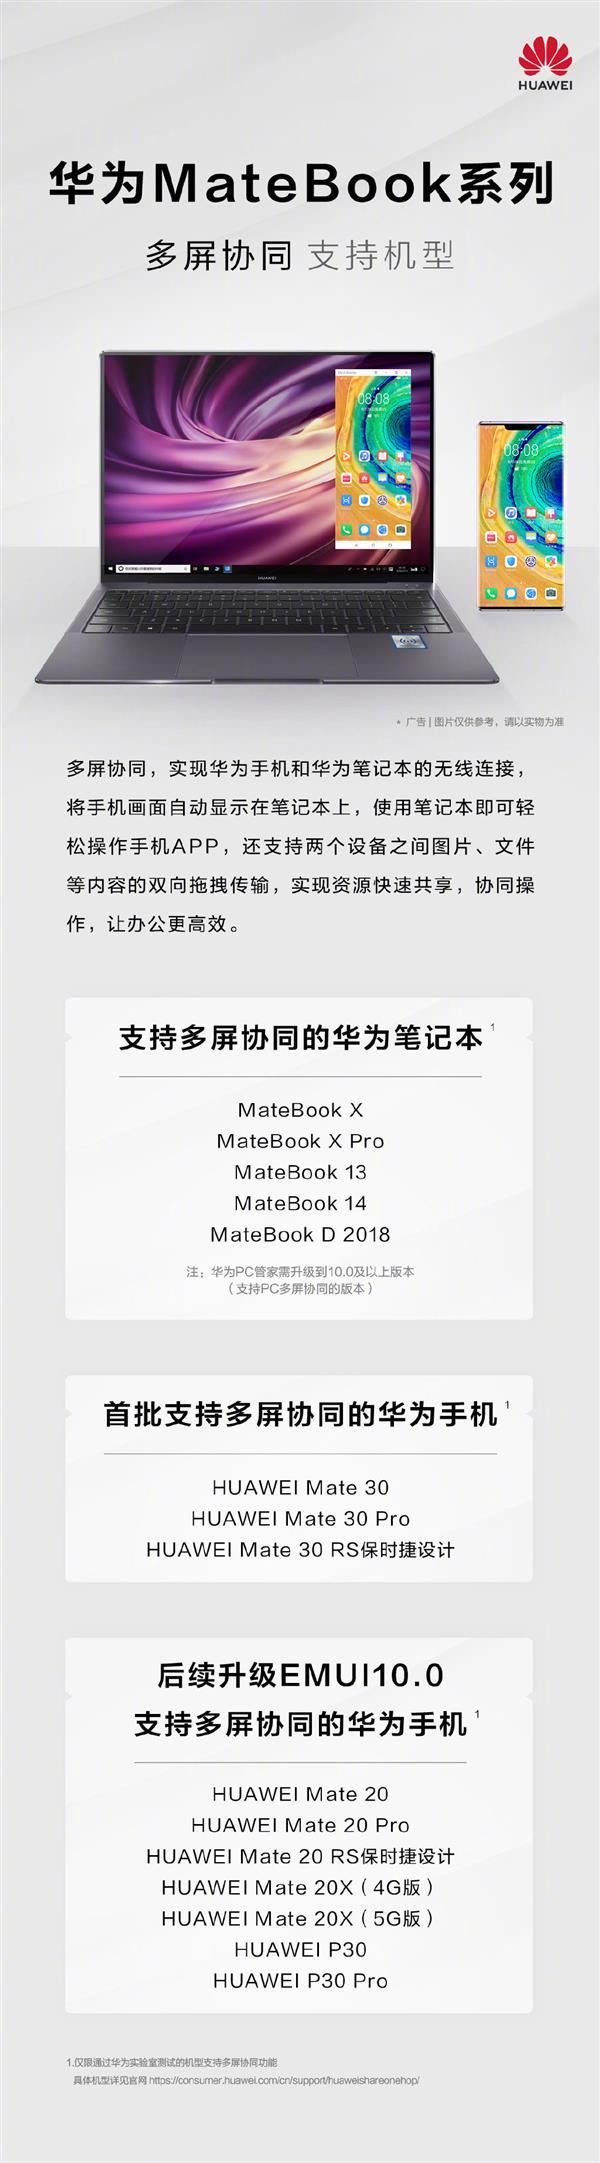 华为公布多屏协同技术兼容性:这些Matebook笔记本、Mate/P手机可用